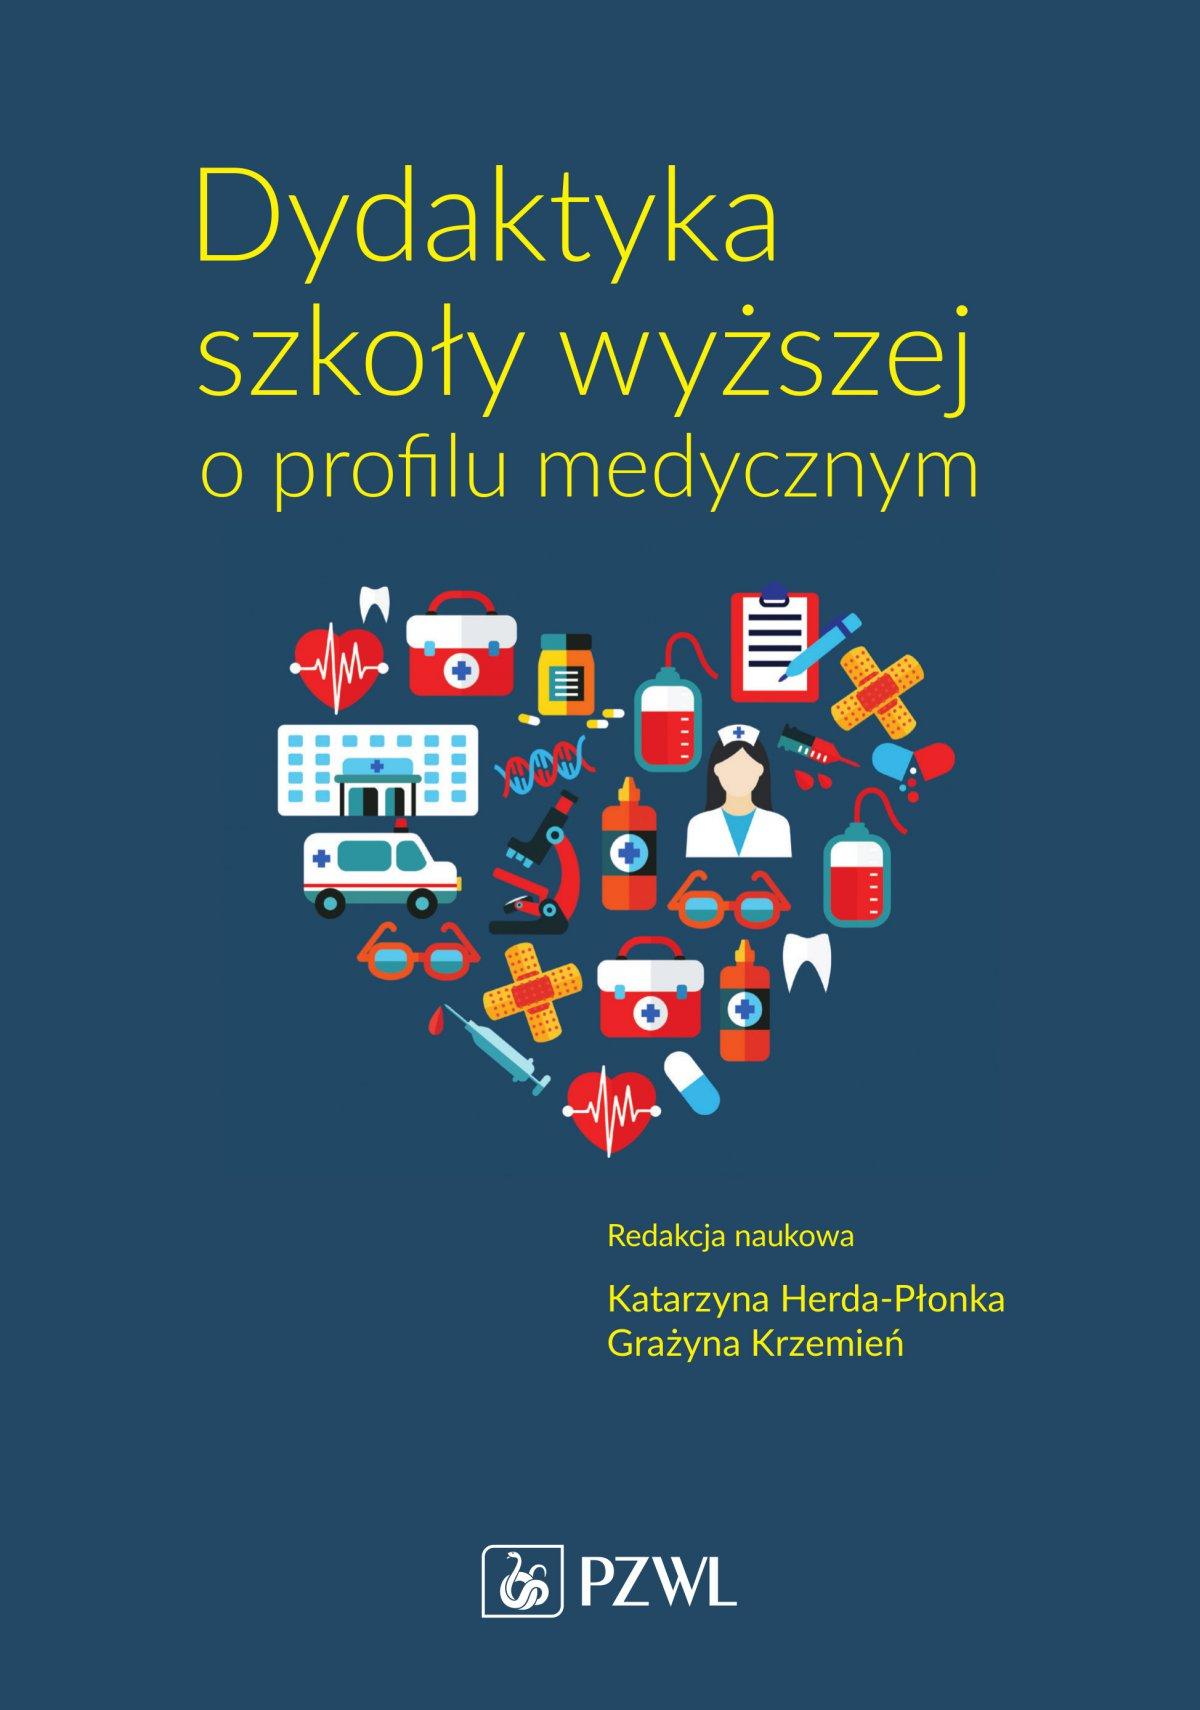 Dydaktyka szkoły wyższej o profilu medycznym - Ebook (Książka na Kindle) do pobrania w formacie MOBI